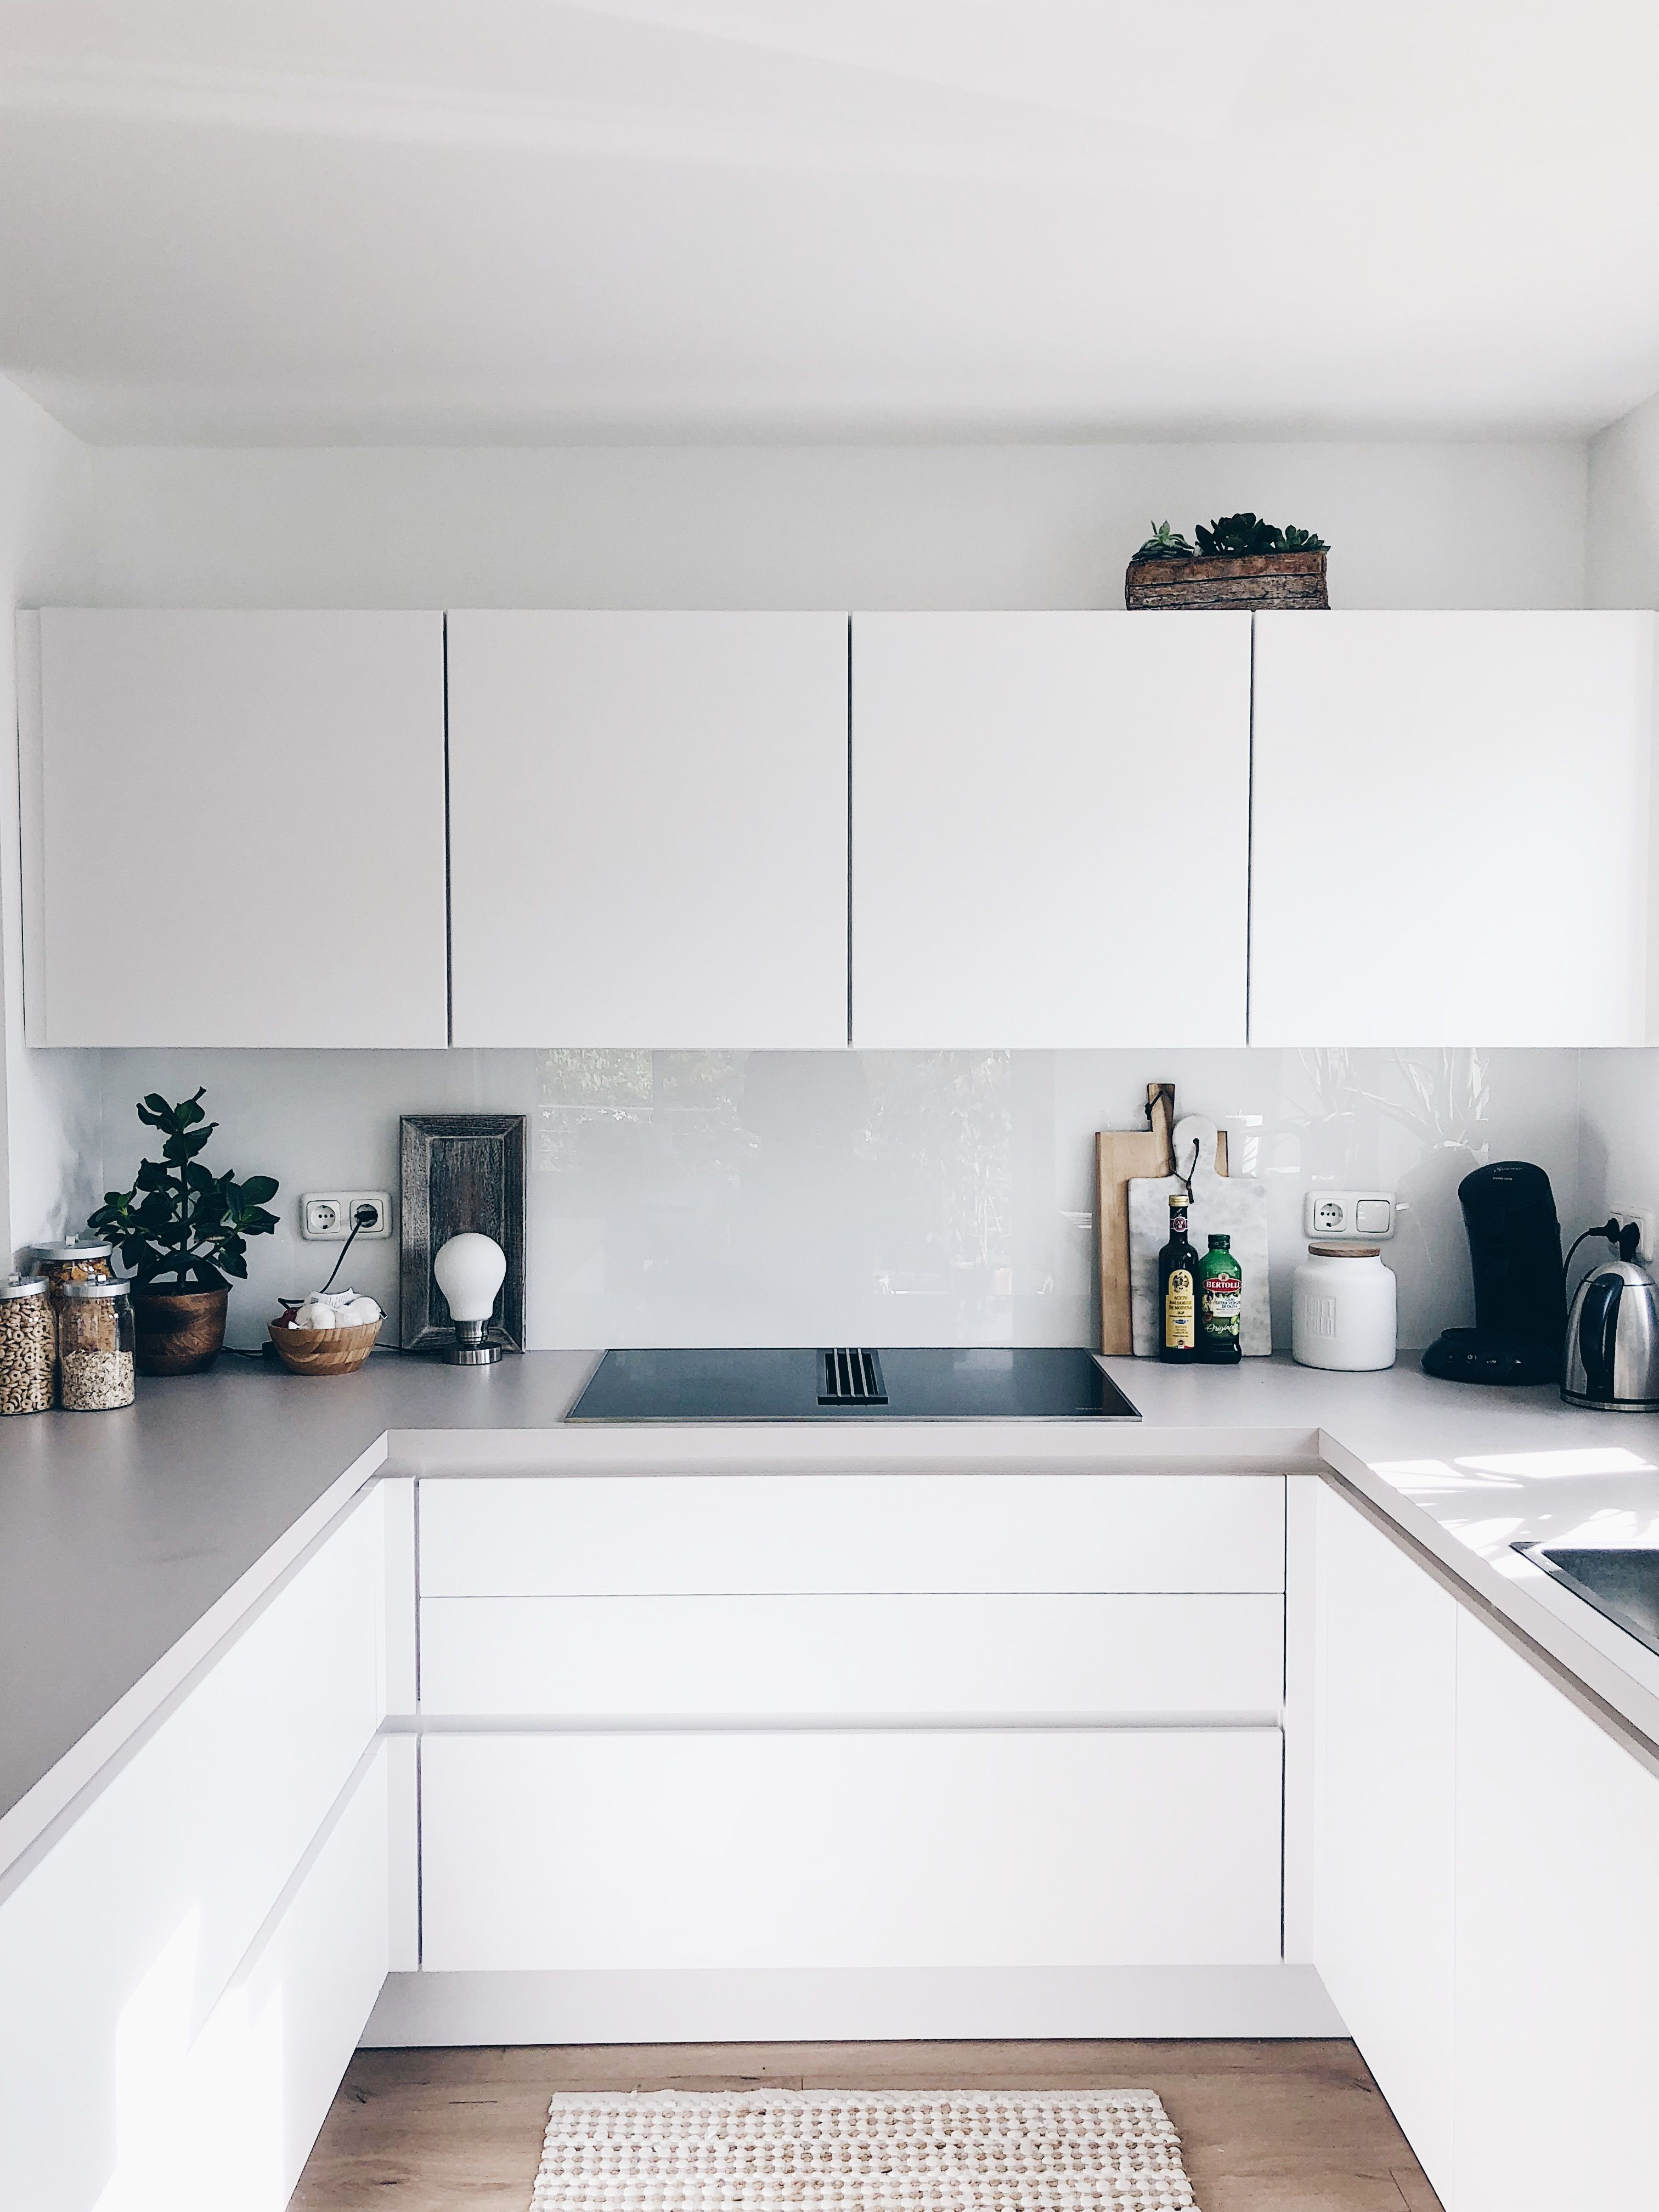 Unser Traum in weiß und grifflos.  Replacing kitchen countertops